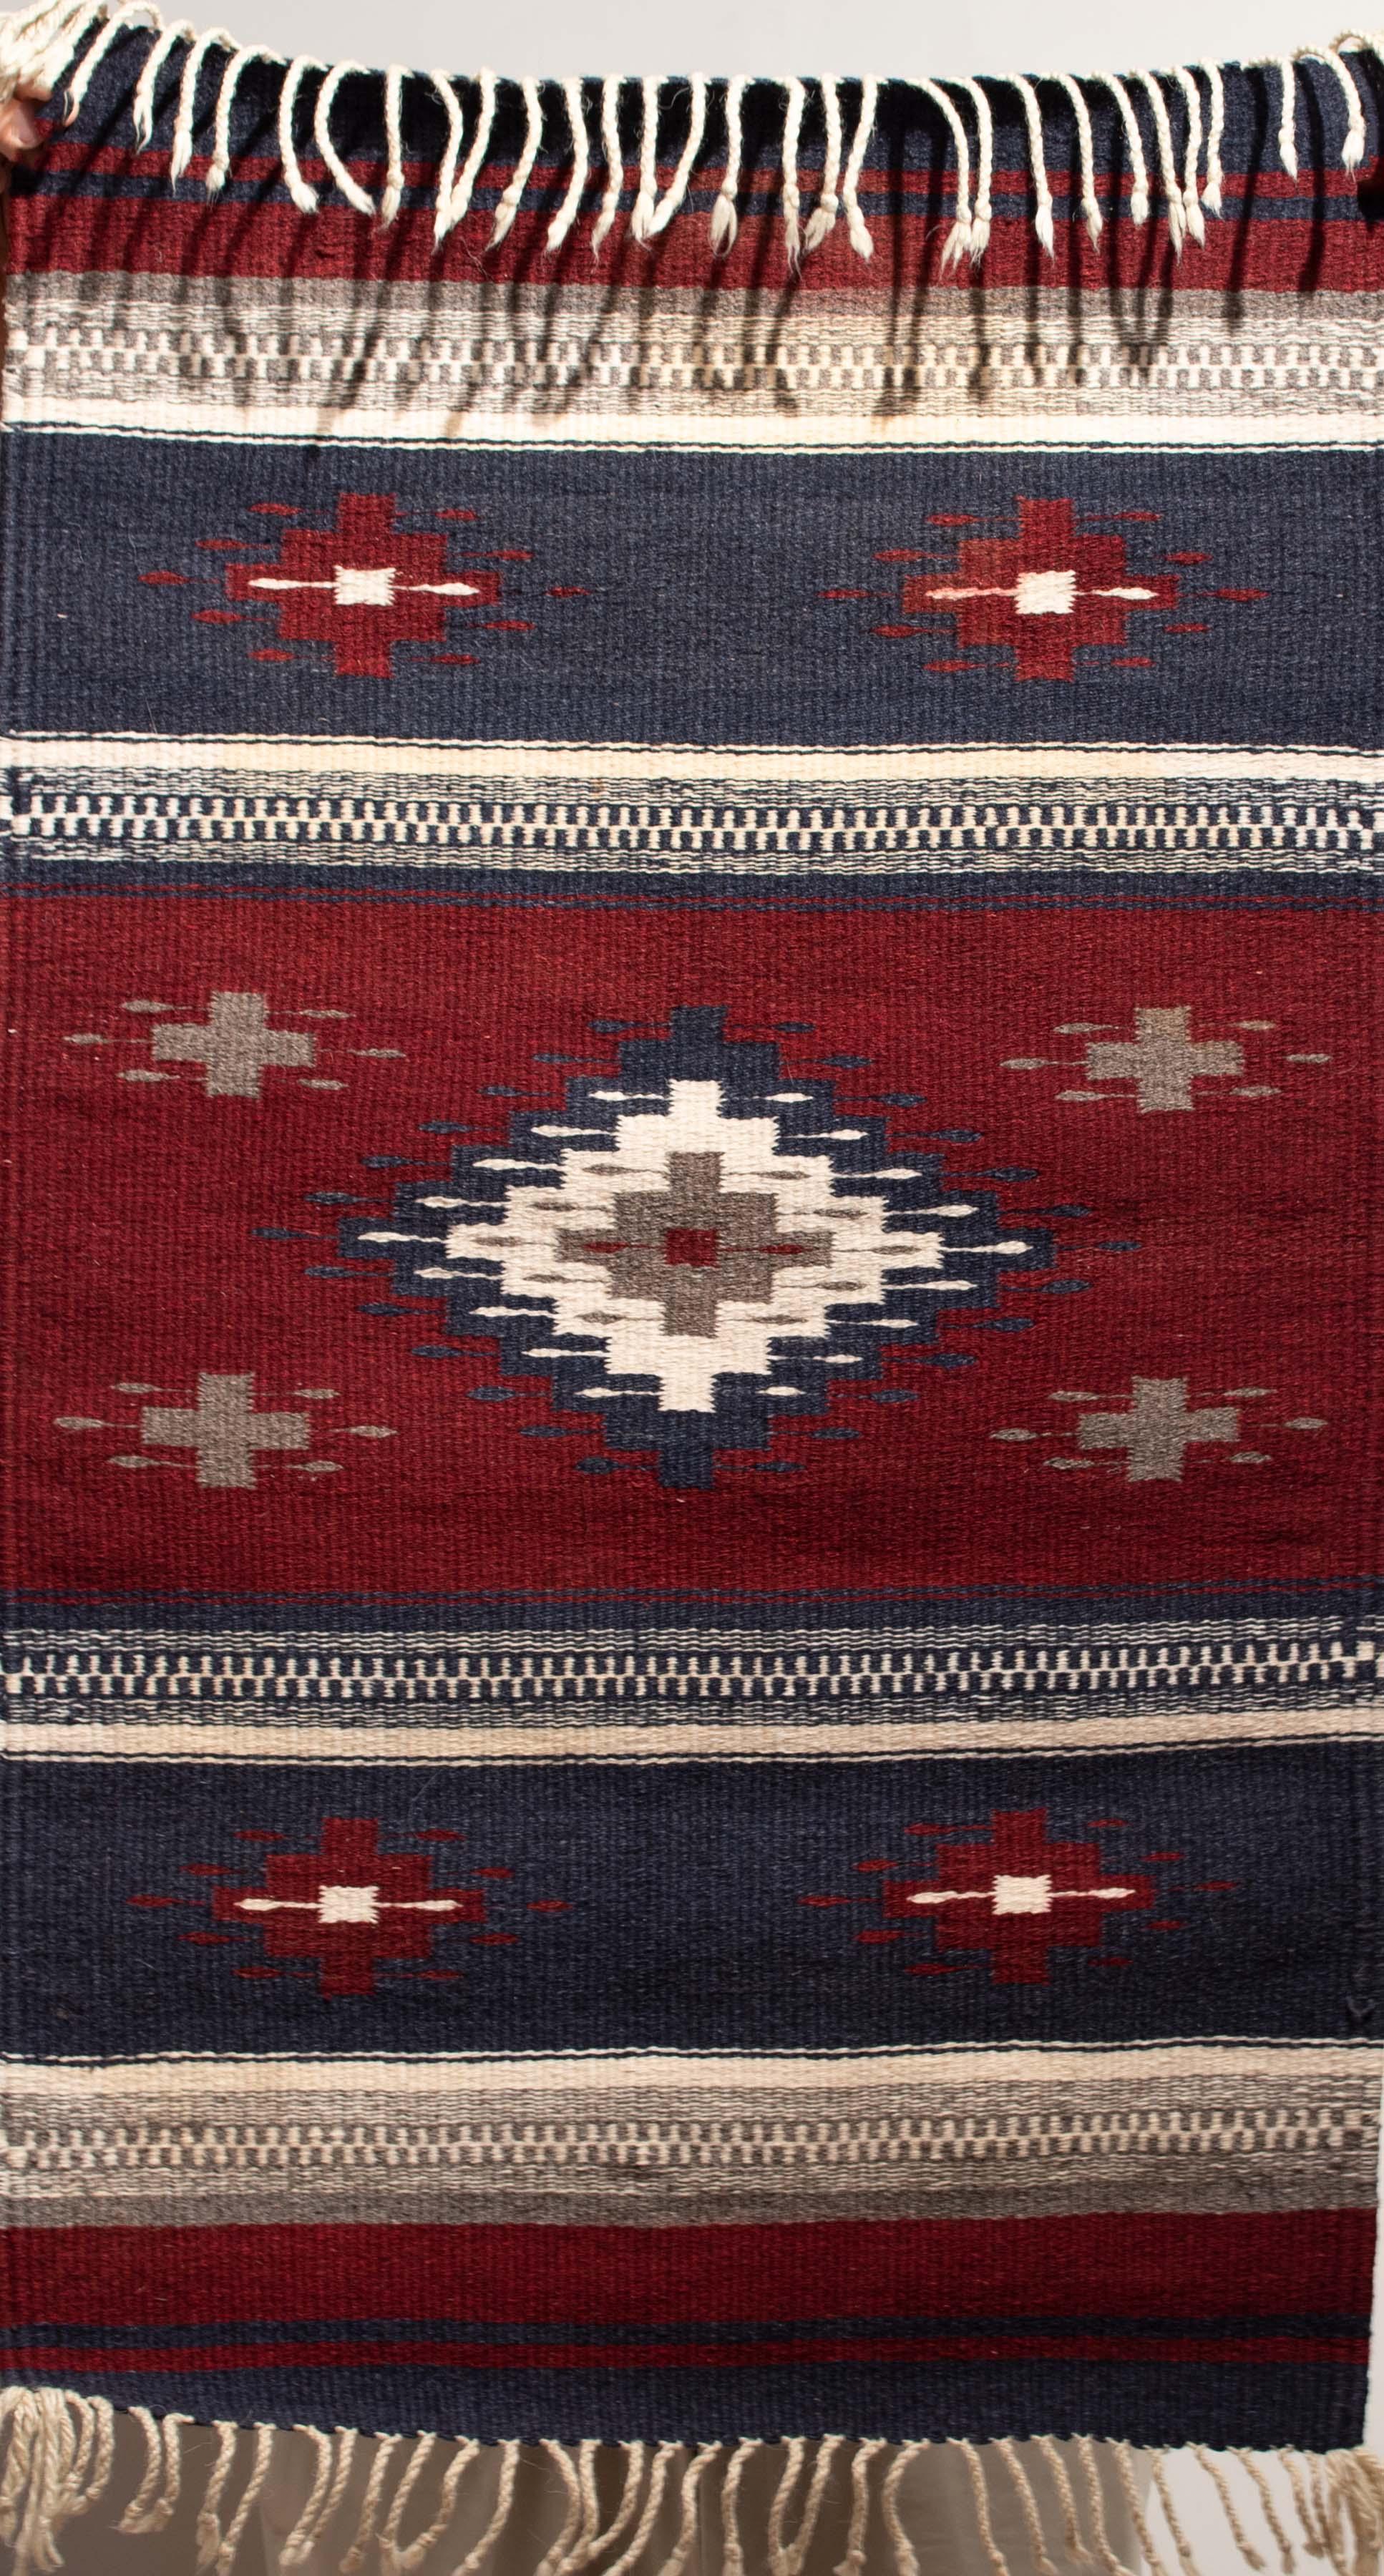 13. Ganado Rug Runner (Navajo)